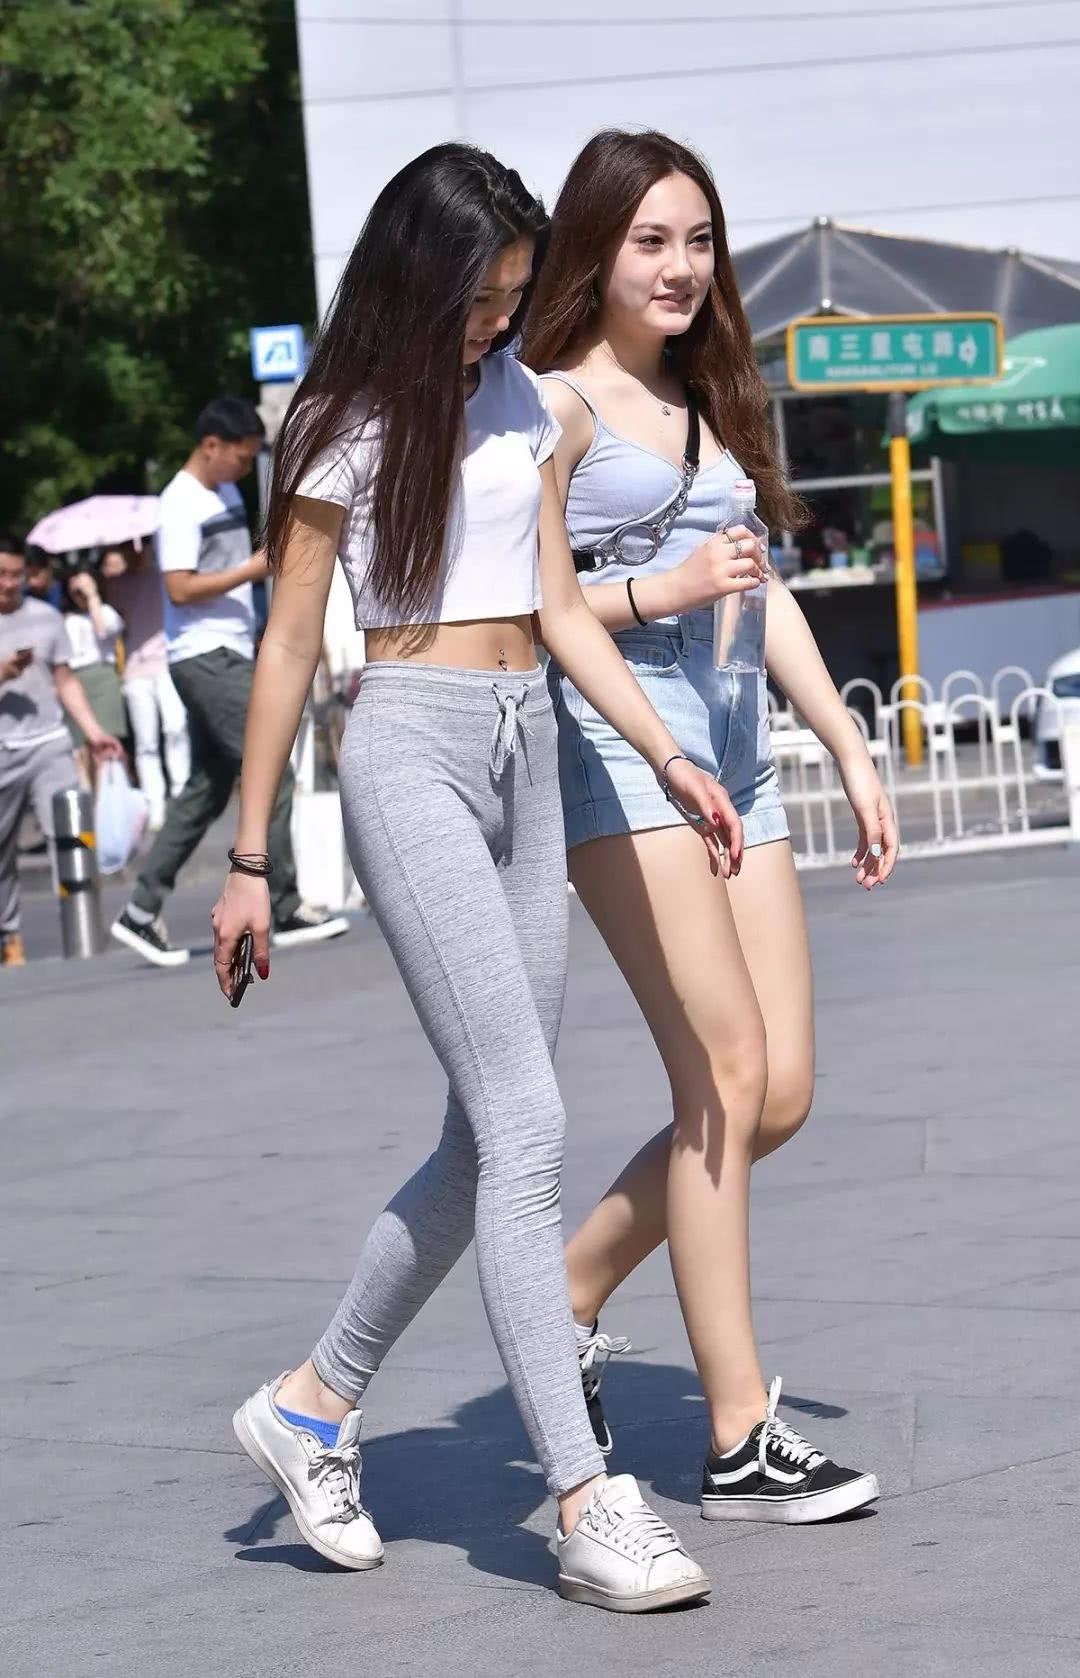 了_街拍:牛仔裤让小姐姐身材更凹凸,这大长腿把短裤闺蜜比了下去